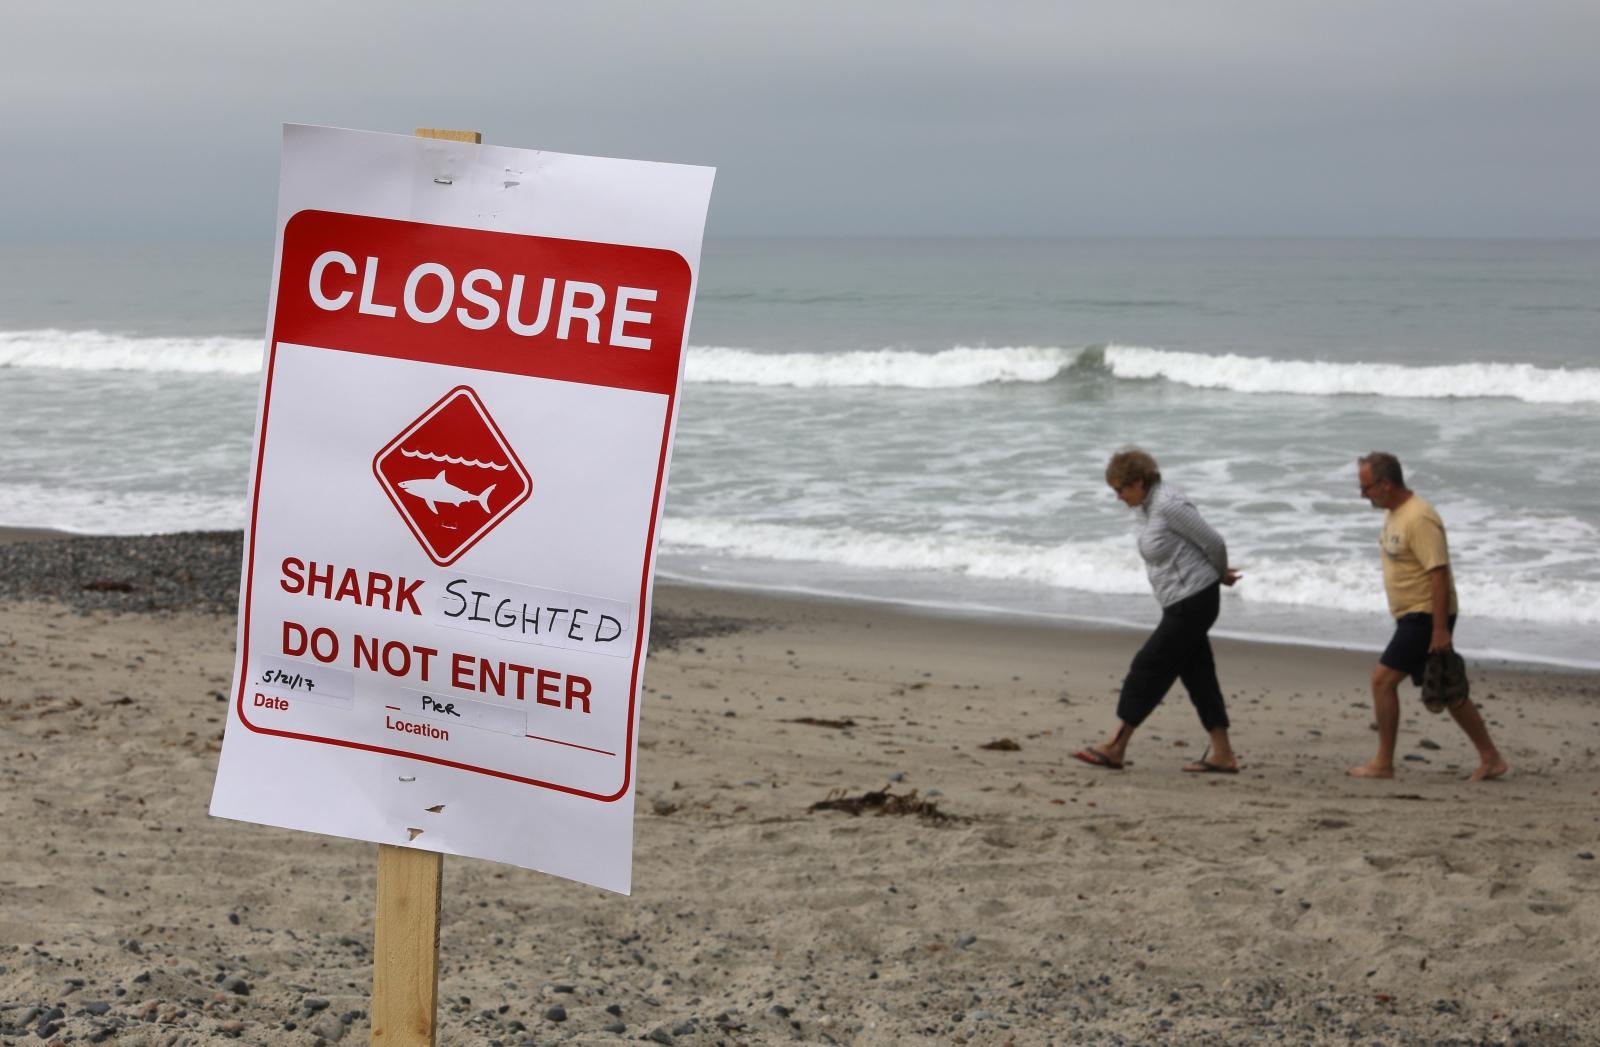 Shark sighted sign on San Clemente beach